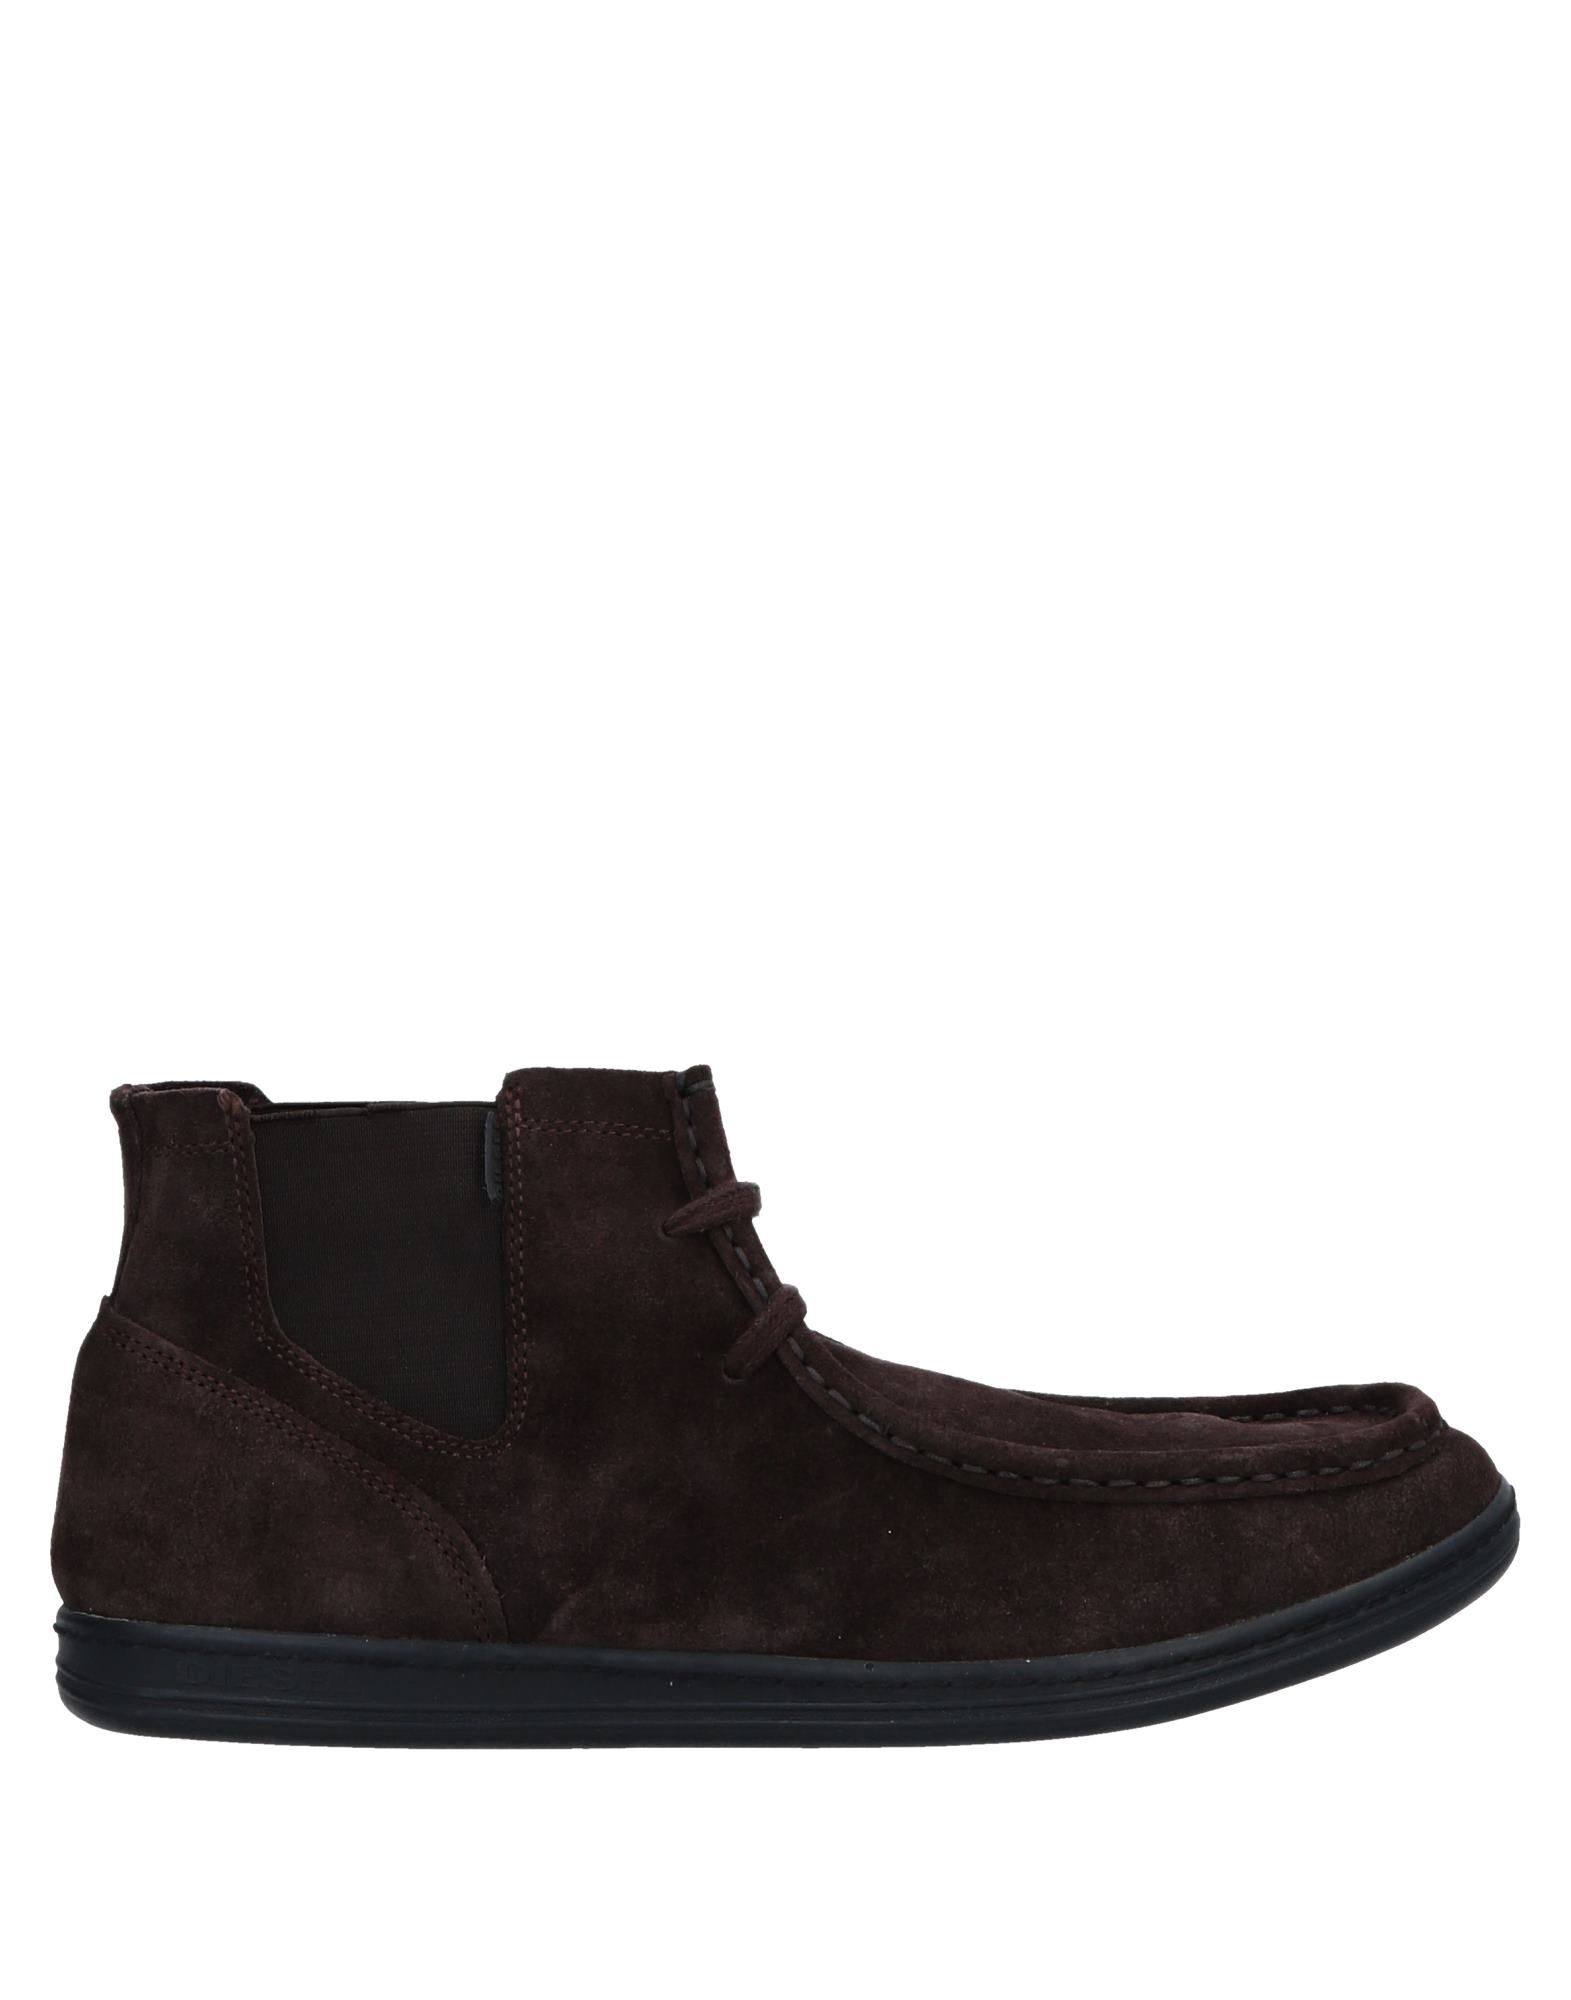 Rabatt echte Schuhe Diesel Stiefelette Herren  11523592HK